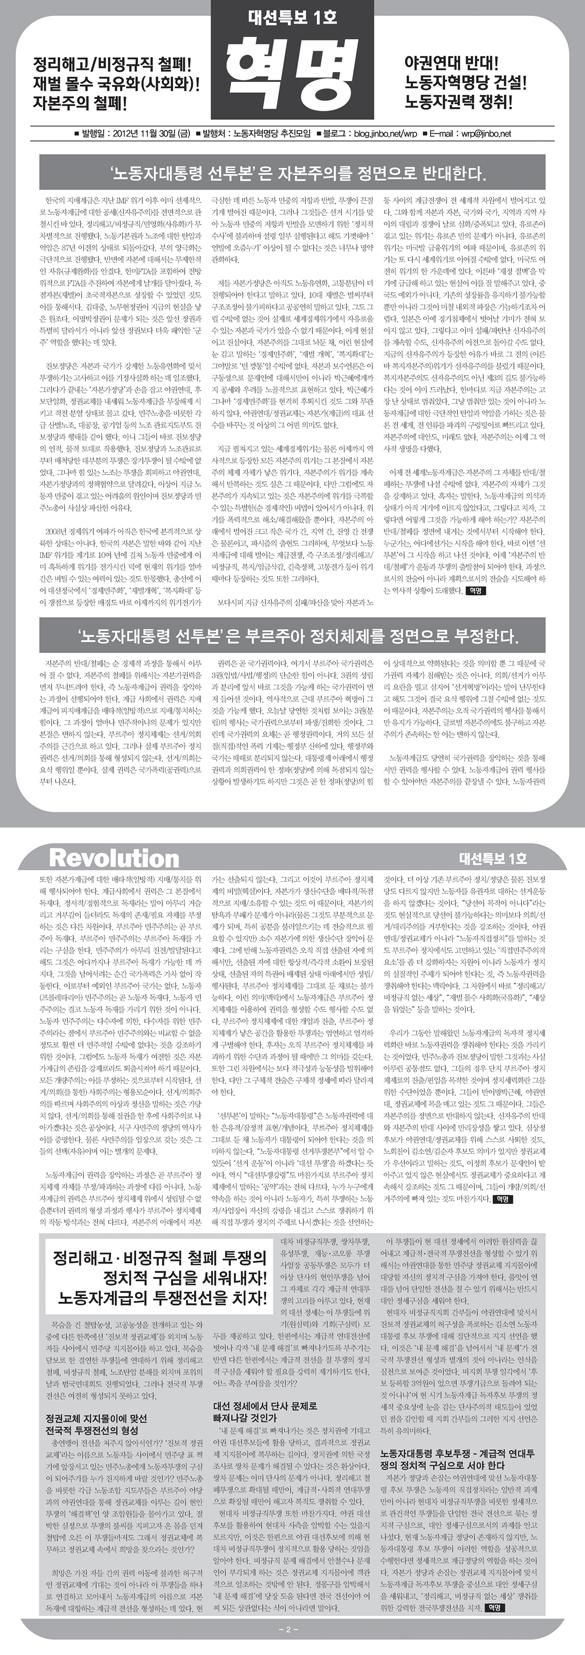 daeseon_s585.jpg